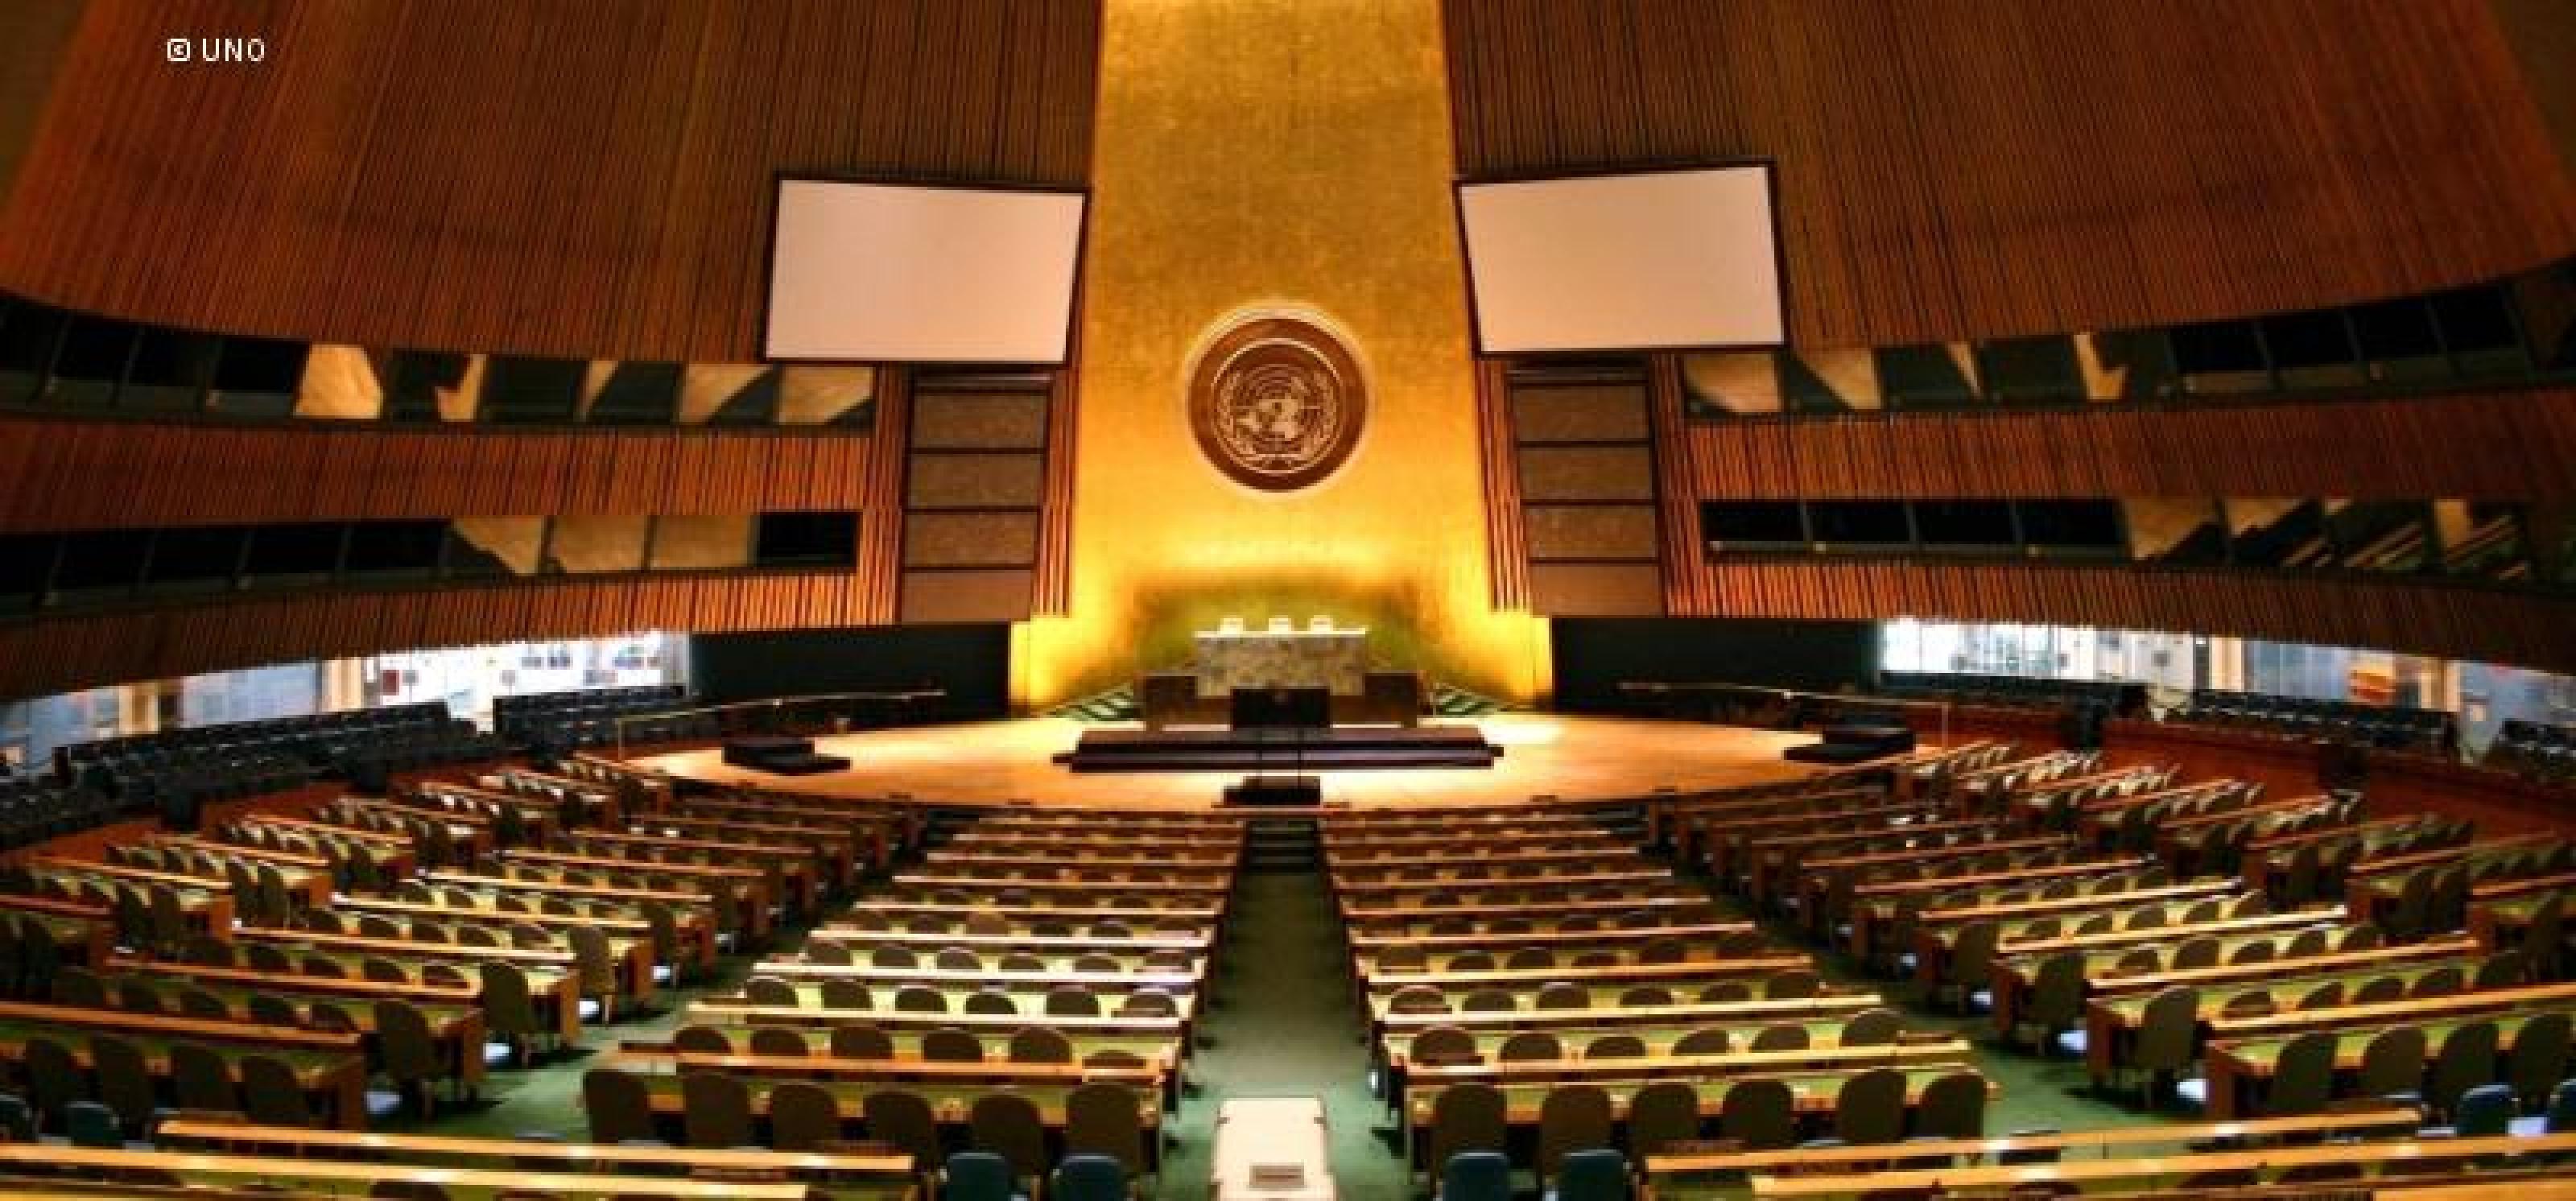 UNO-Plenarsaal